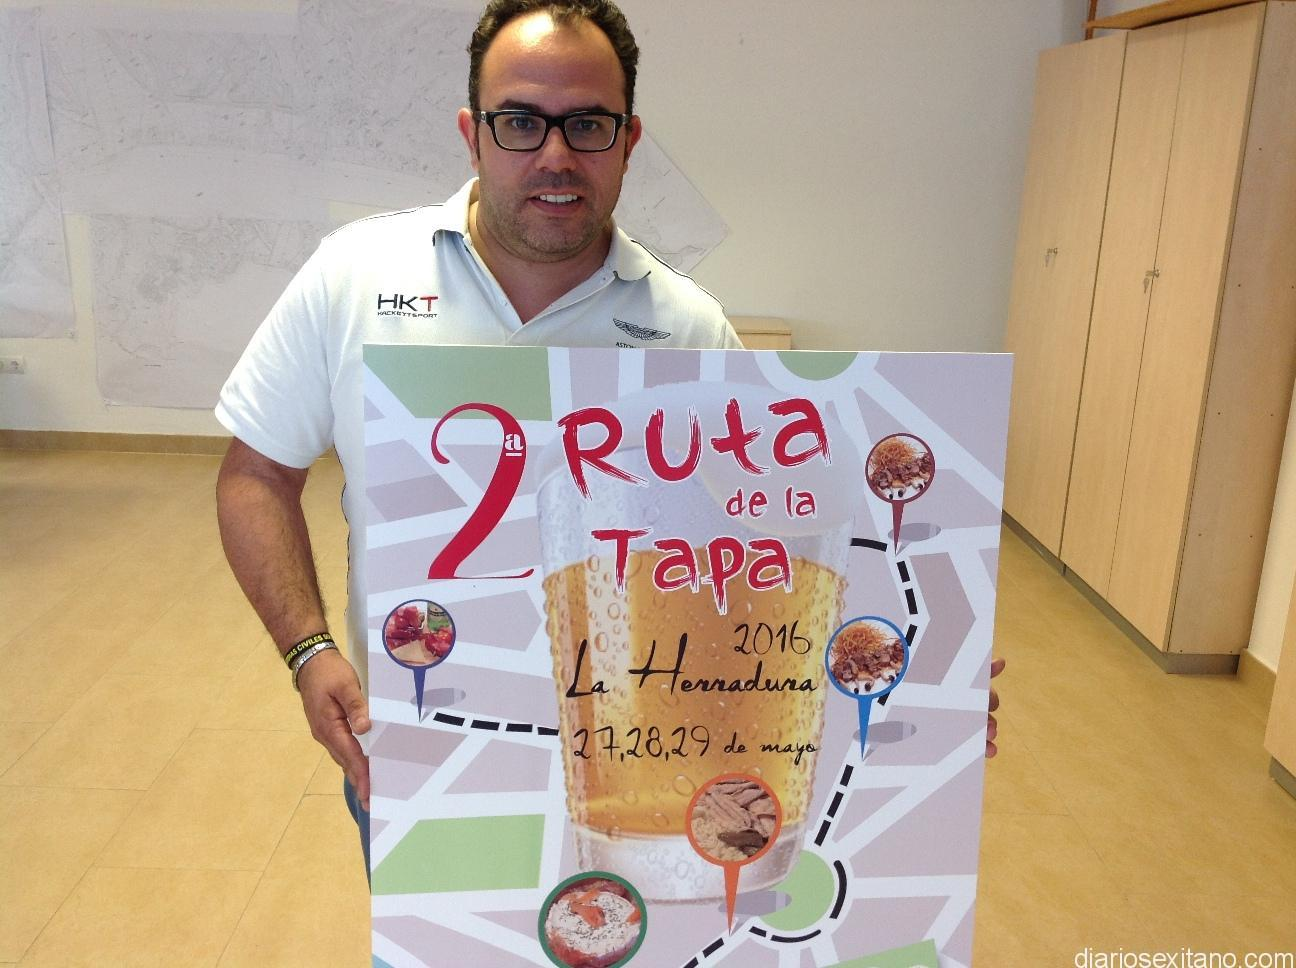 RUIZ JOYA FERIA DE LA TAPA EN LA HERRADURA DEL 27 AL 29 DE MAYO 16